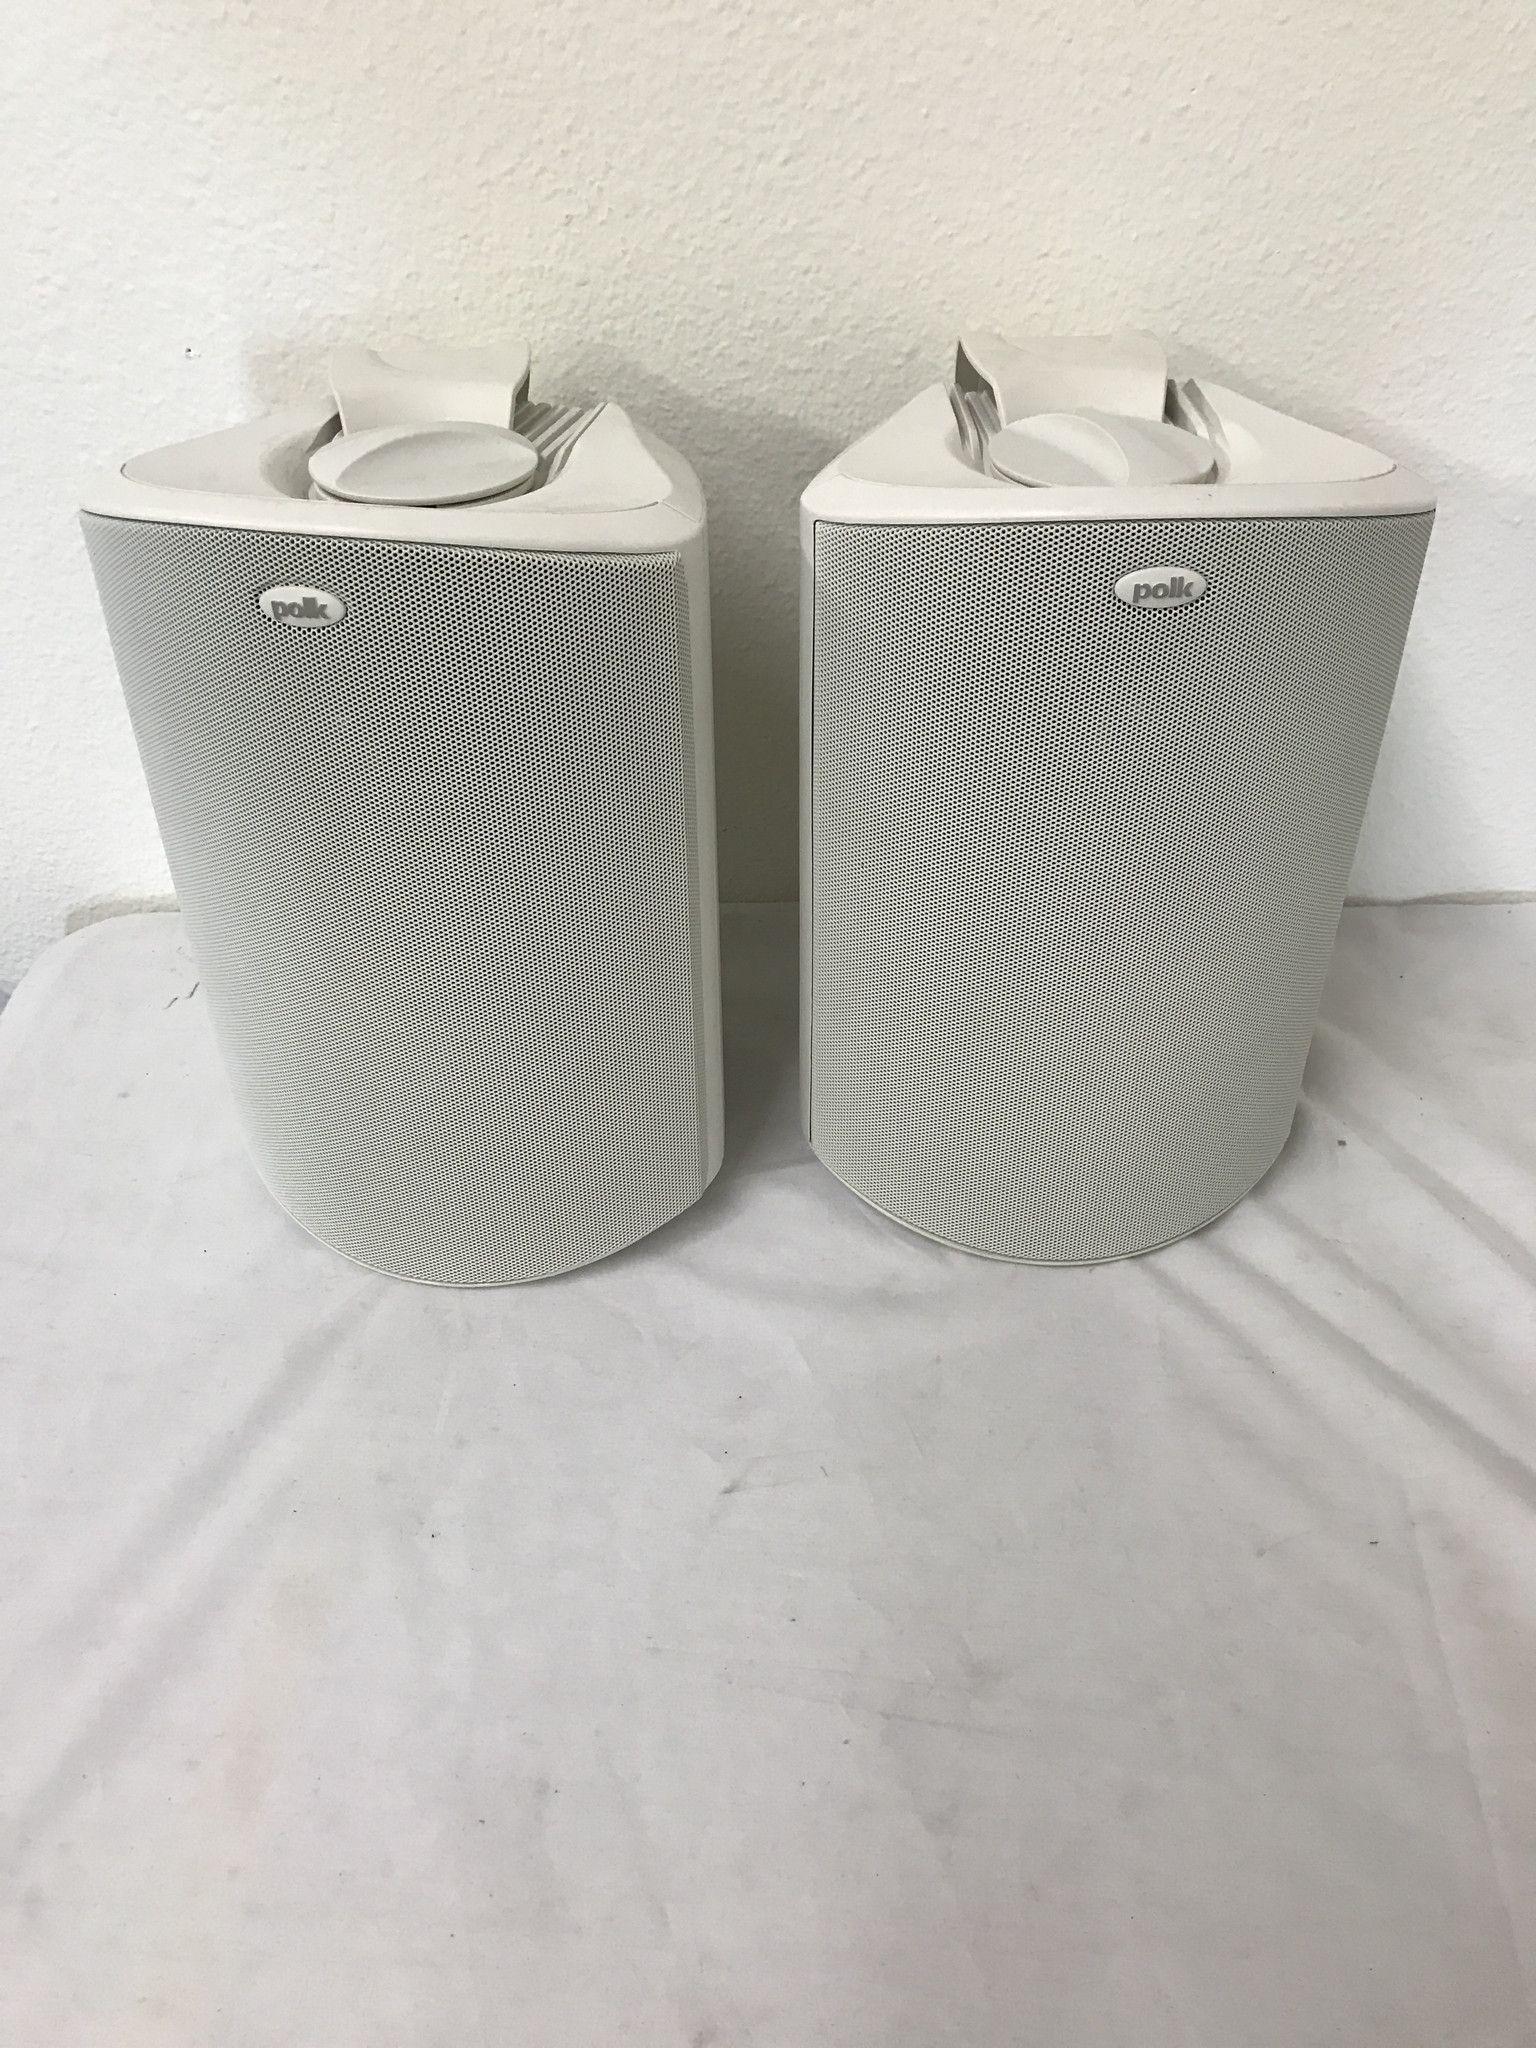 Polk Audio Atrium 6 Speakers Pair, White